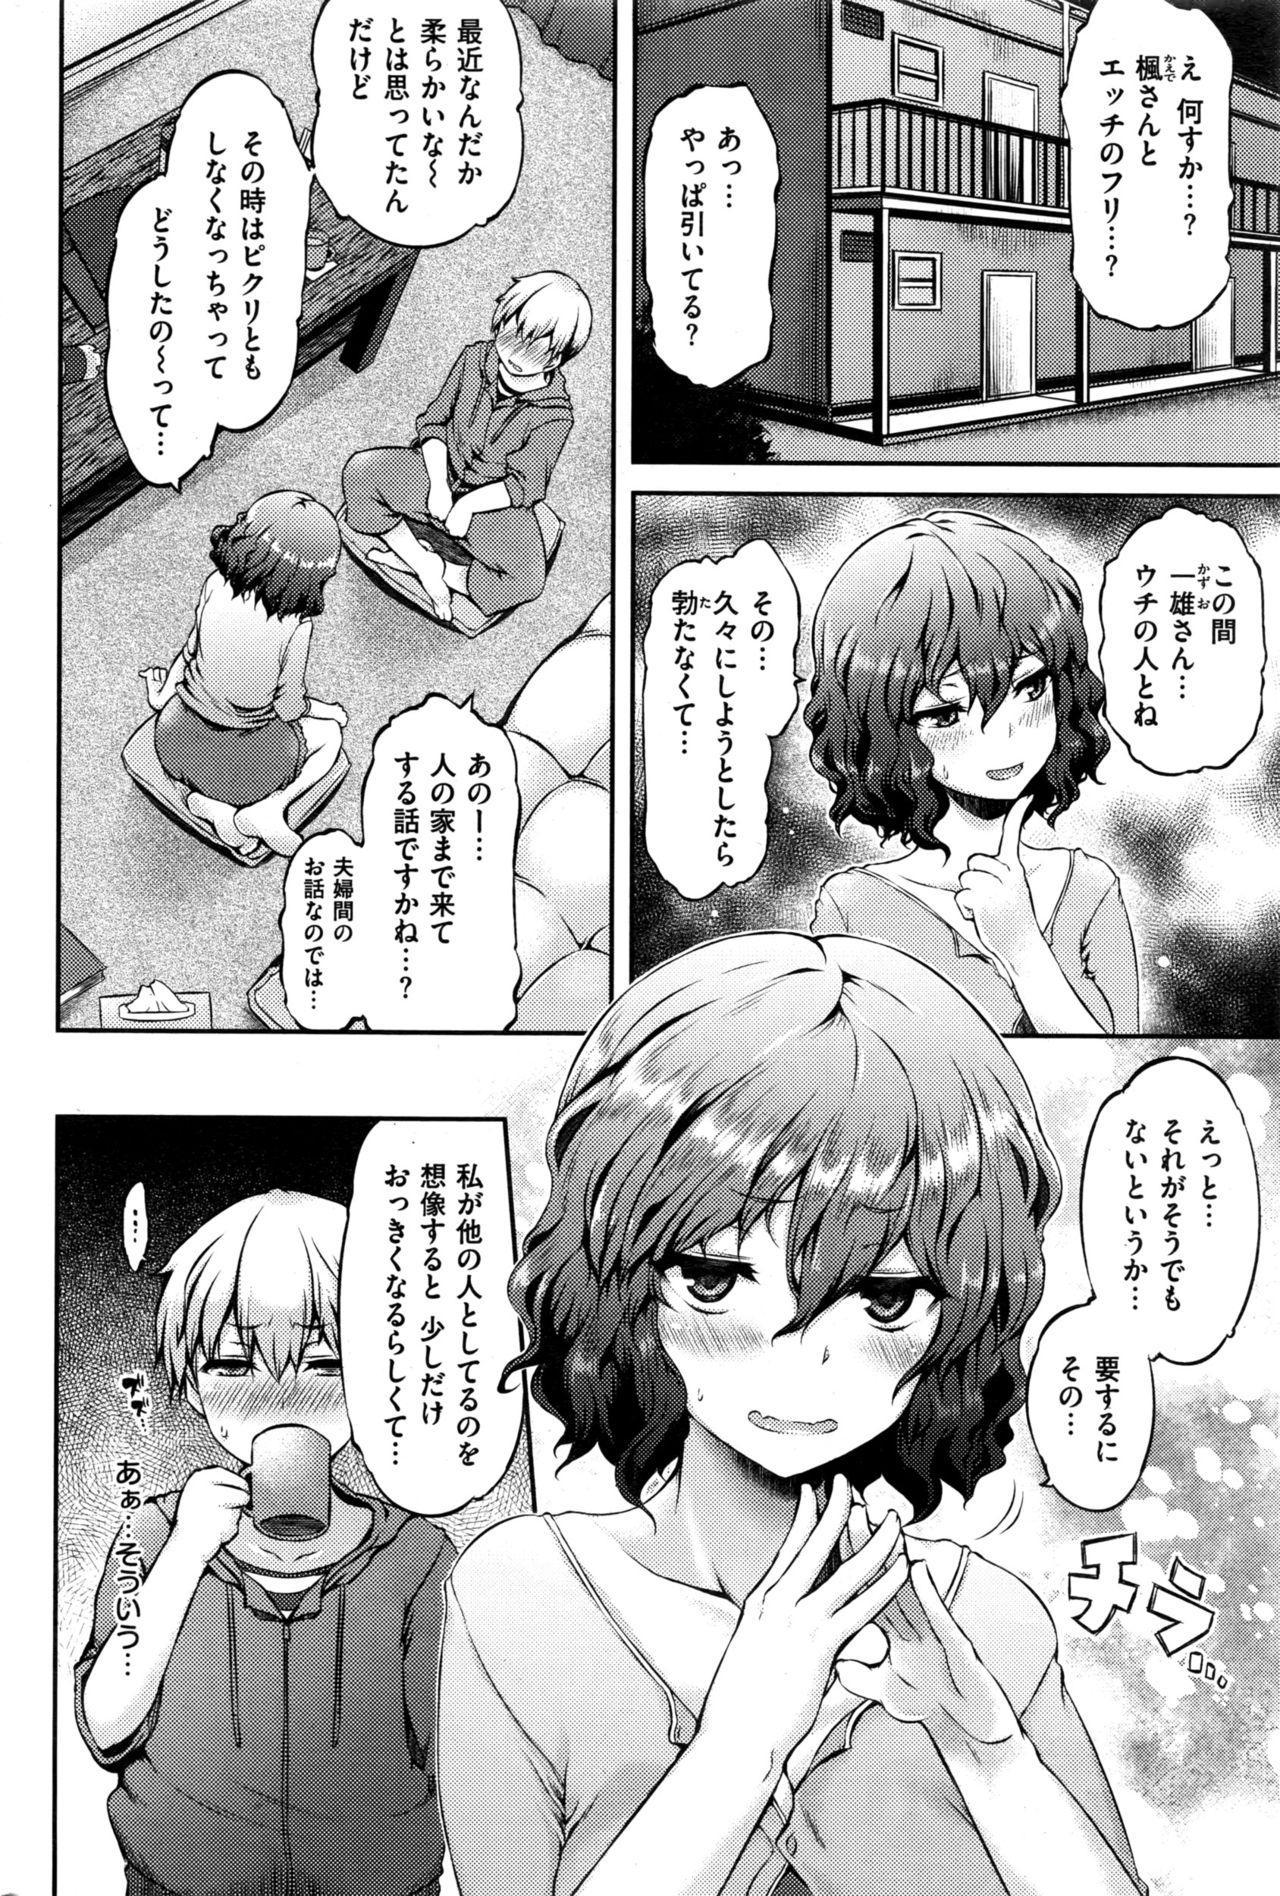 COMIC Kairakuten BEAST 2016-12 232